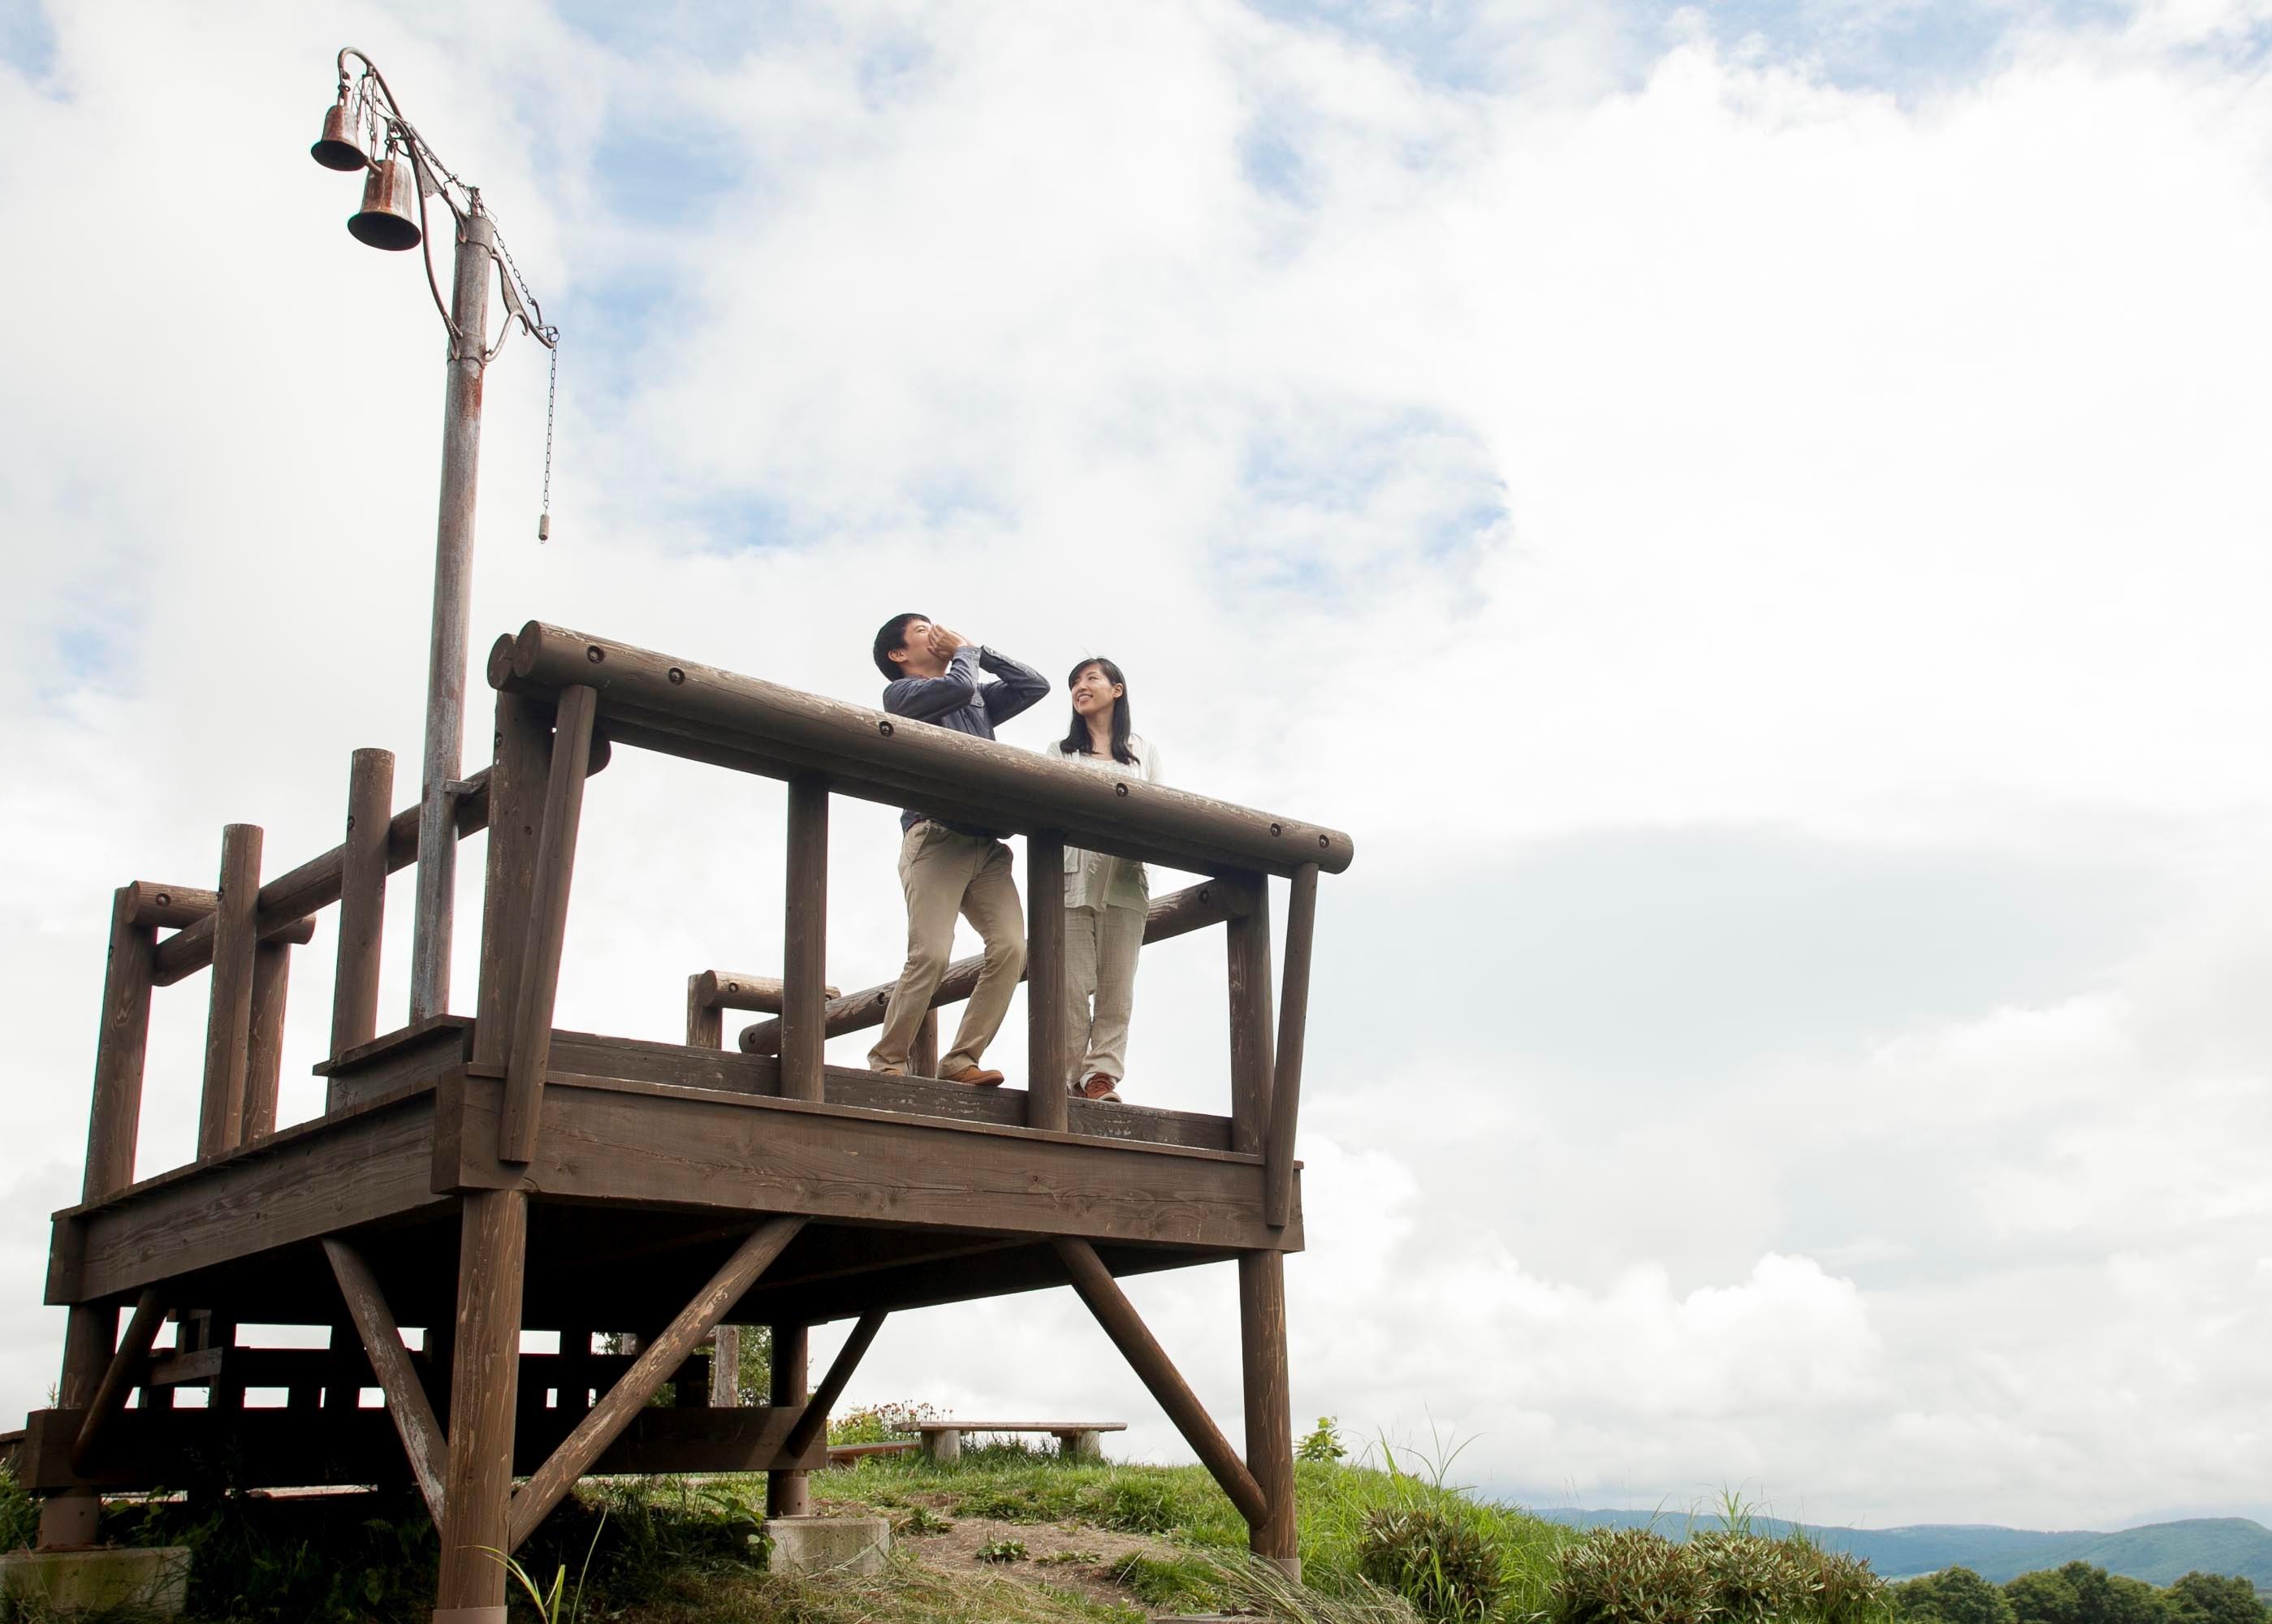 愛を叫んで村おこし!9月8日(日)群馬県嬬恋村で「キャベツ畑の中心で妻に愛を叫ぶ2019」を開催